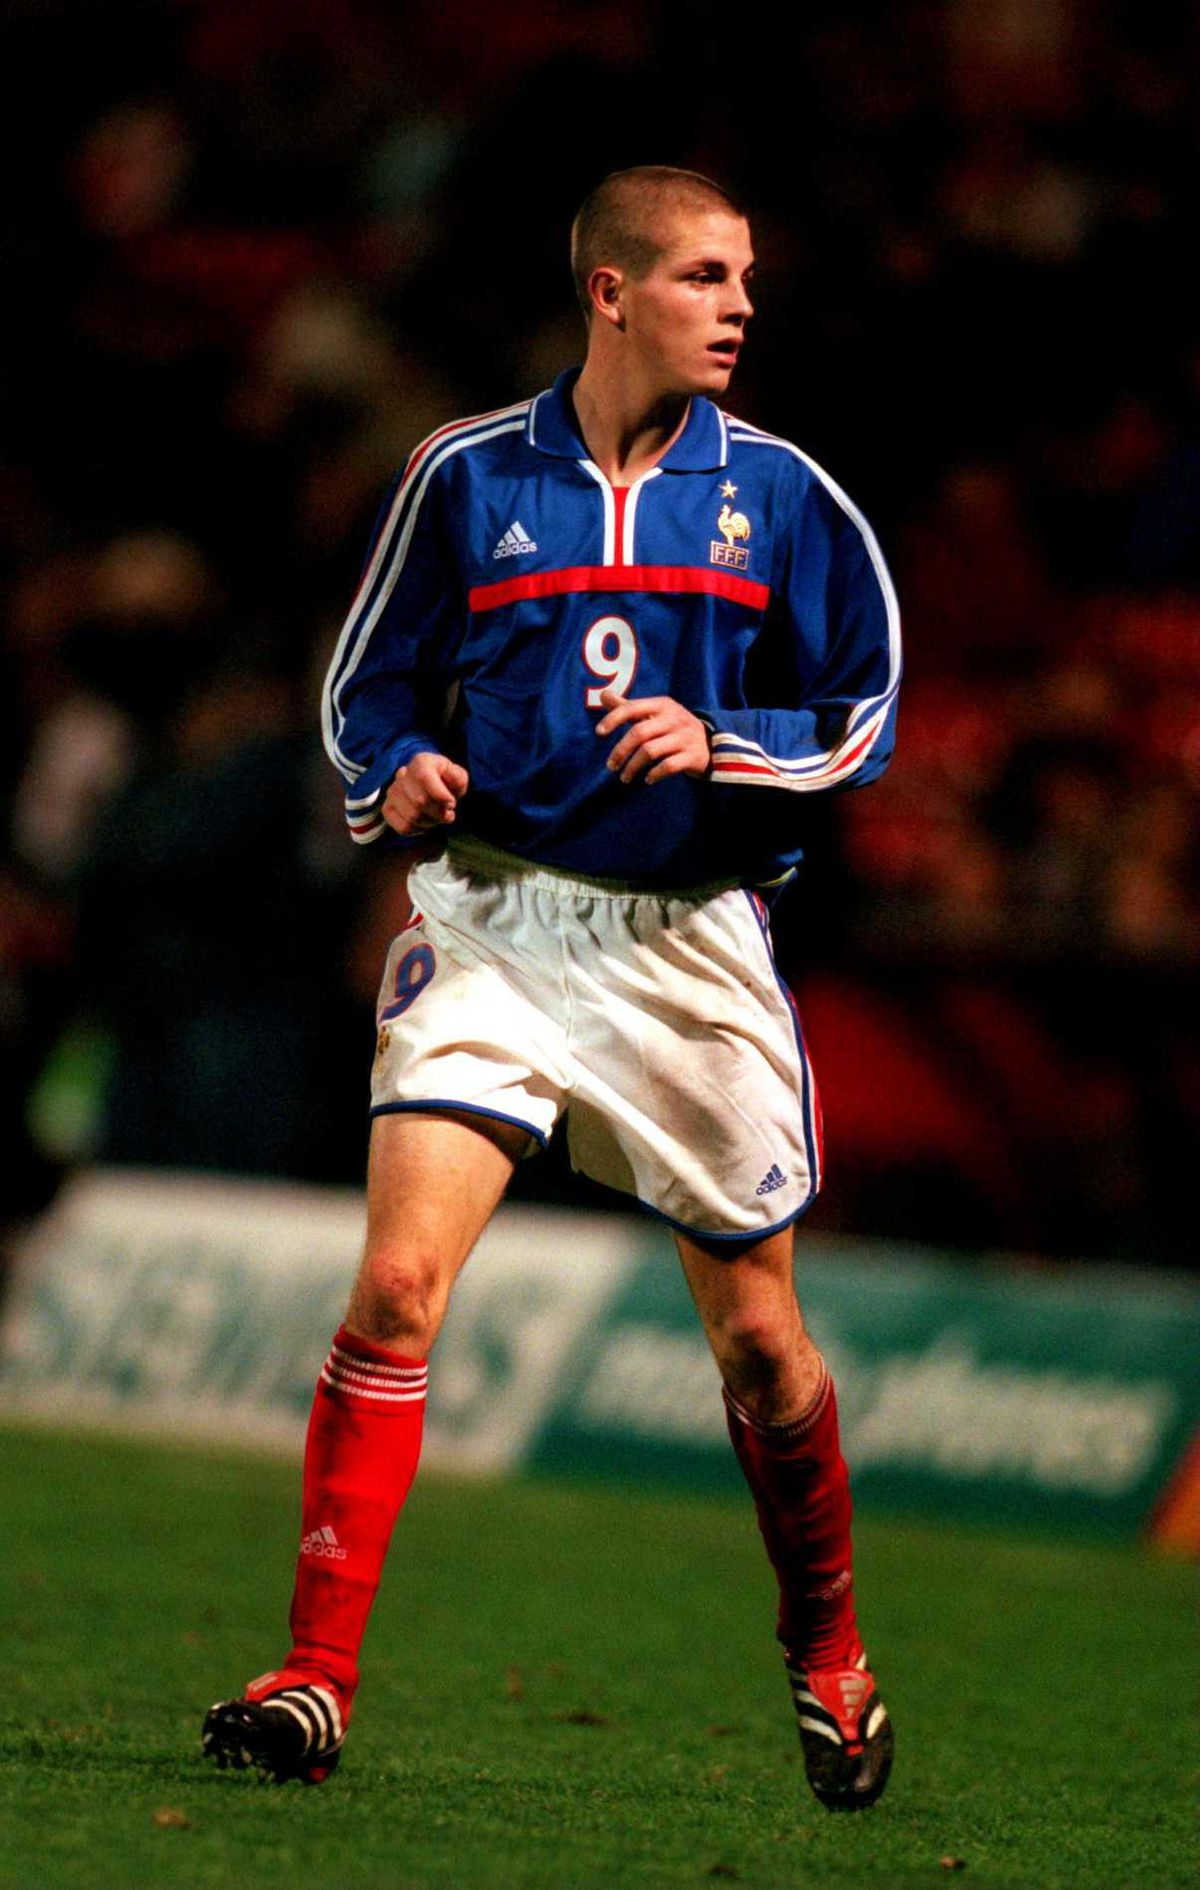 Soccer - Under 17 Friendly - England v France